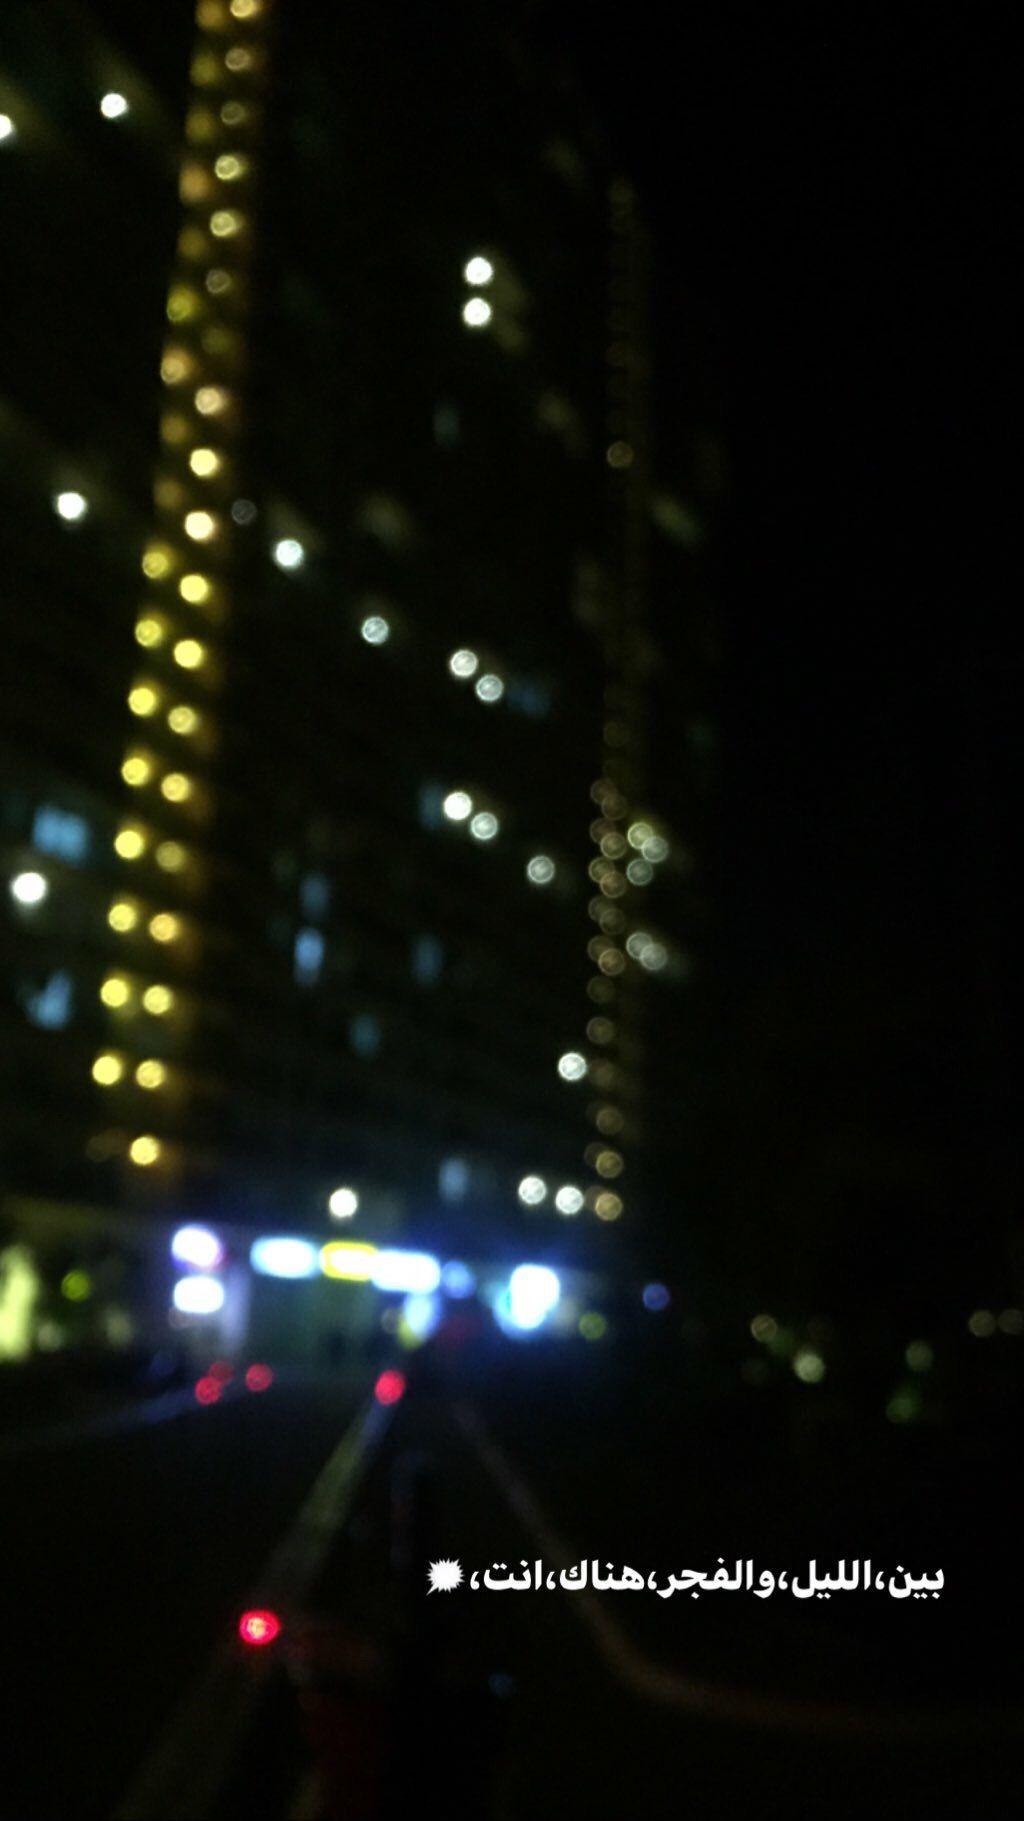 Pin By Mohammad Assem محمد عاصم On الليل